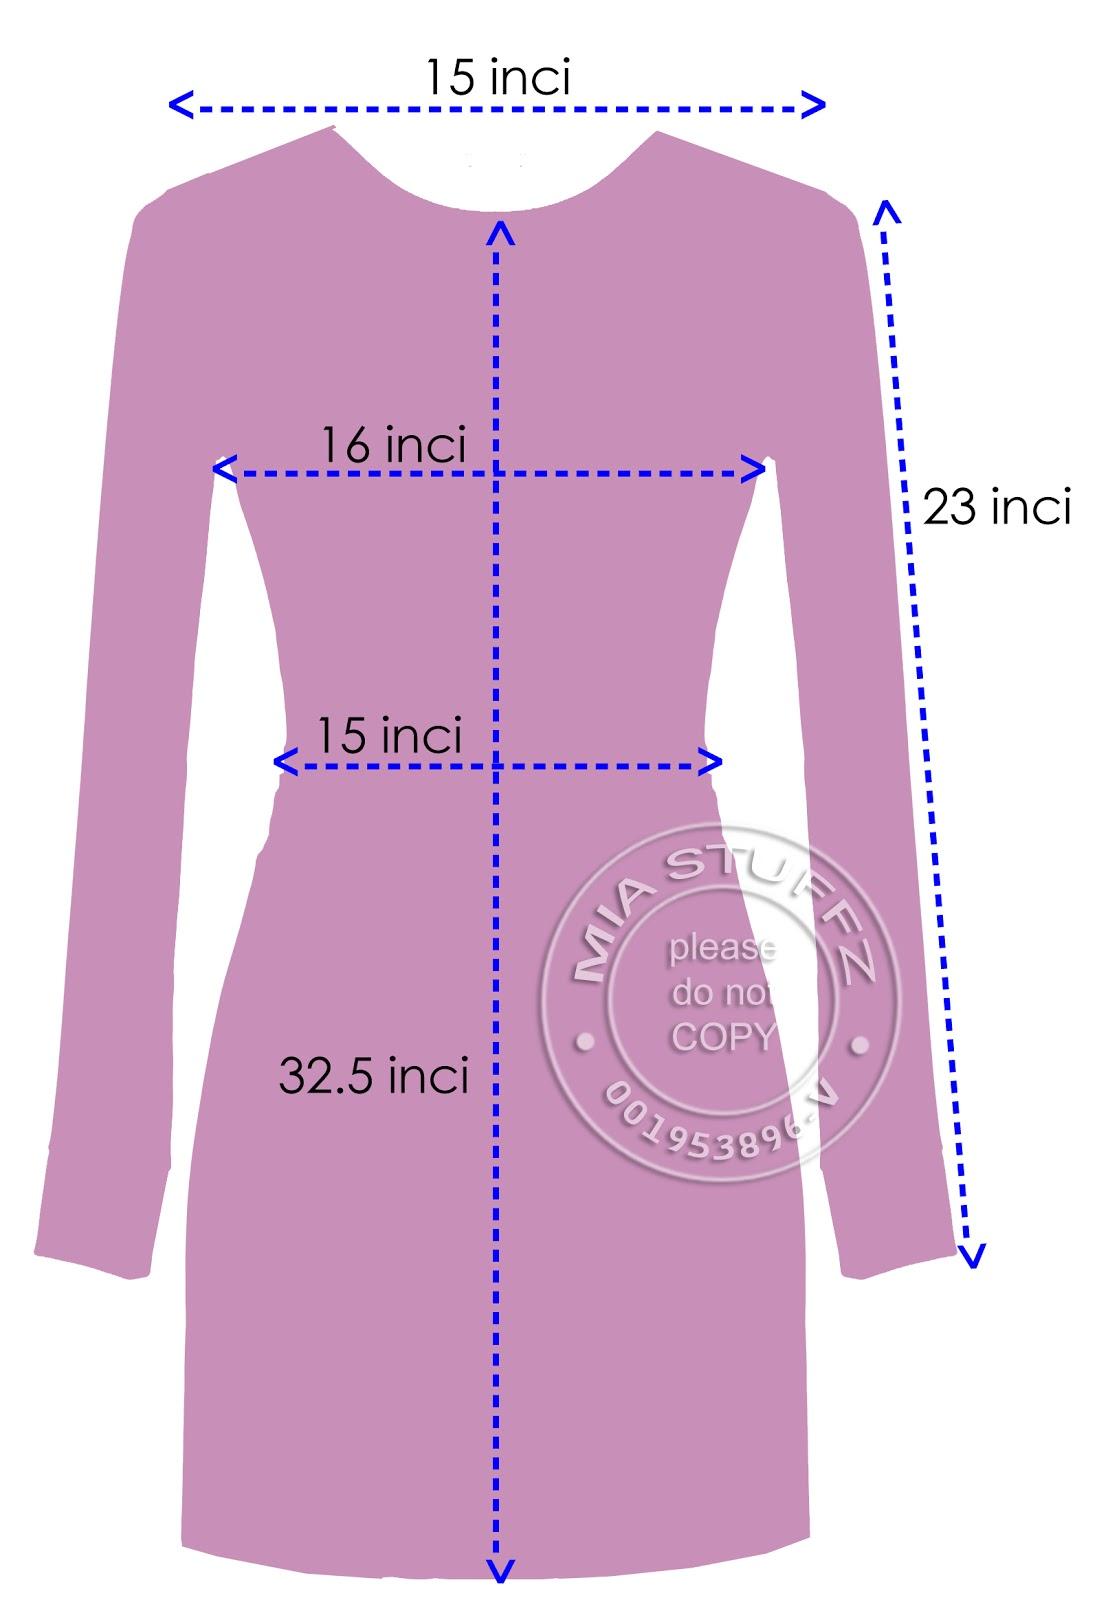 Lihat measurement diatas sebelum membeli. Click picture to enlarge.